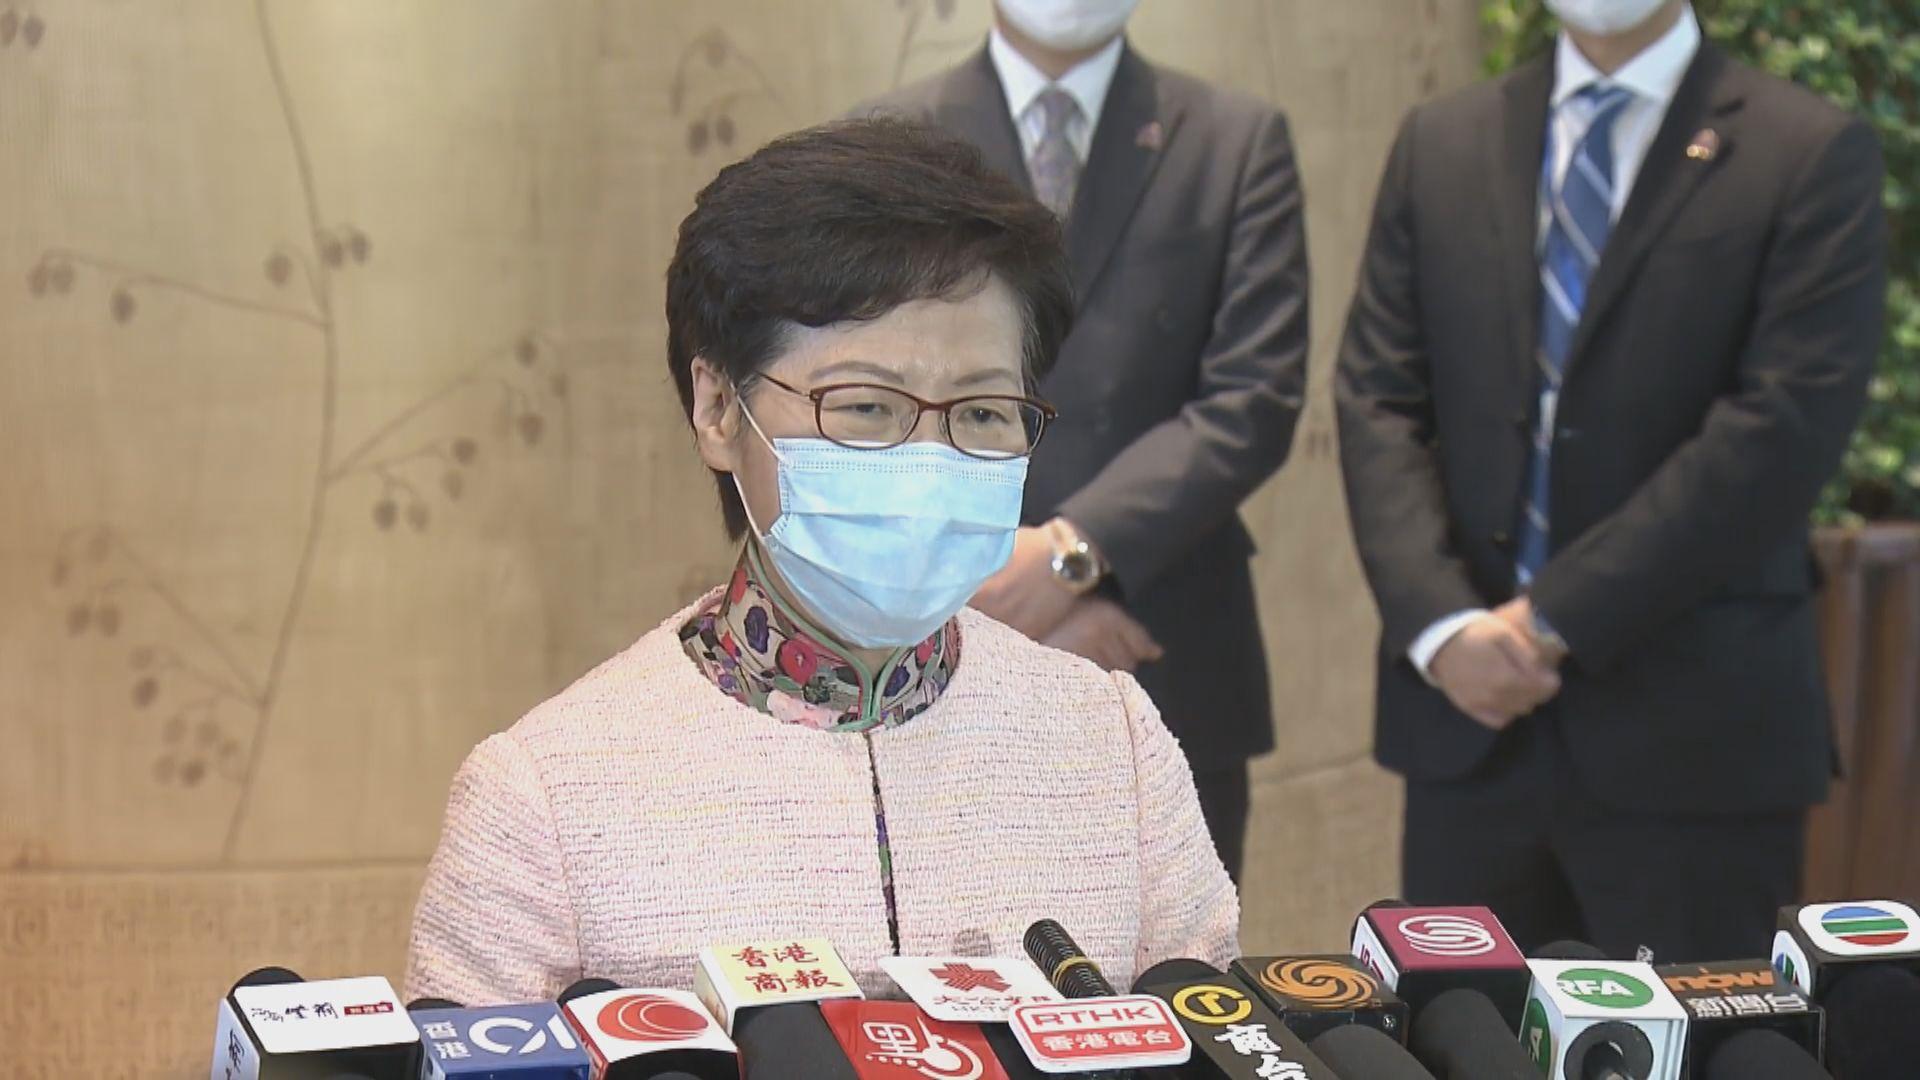 林鄭月娥︰不能對危害國家安全風險視而不見